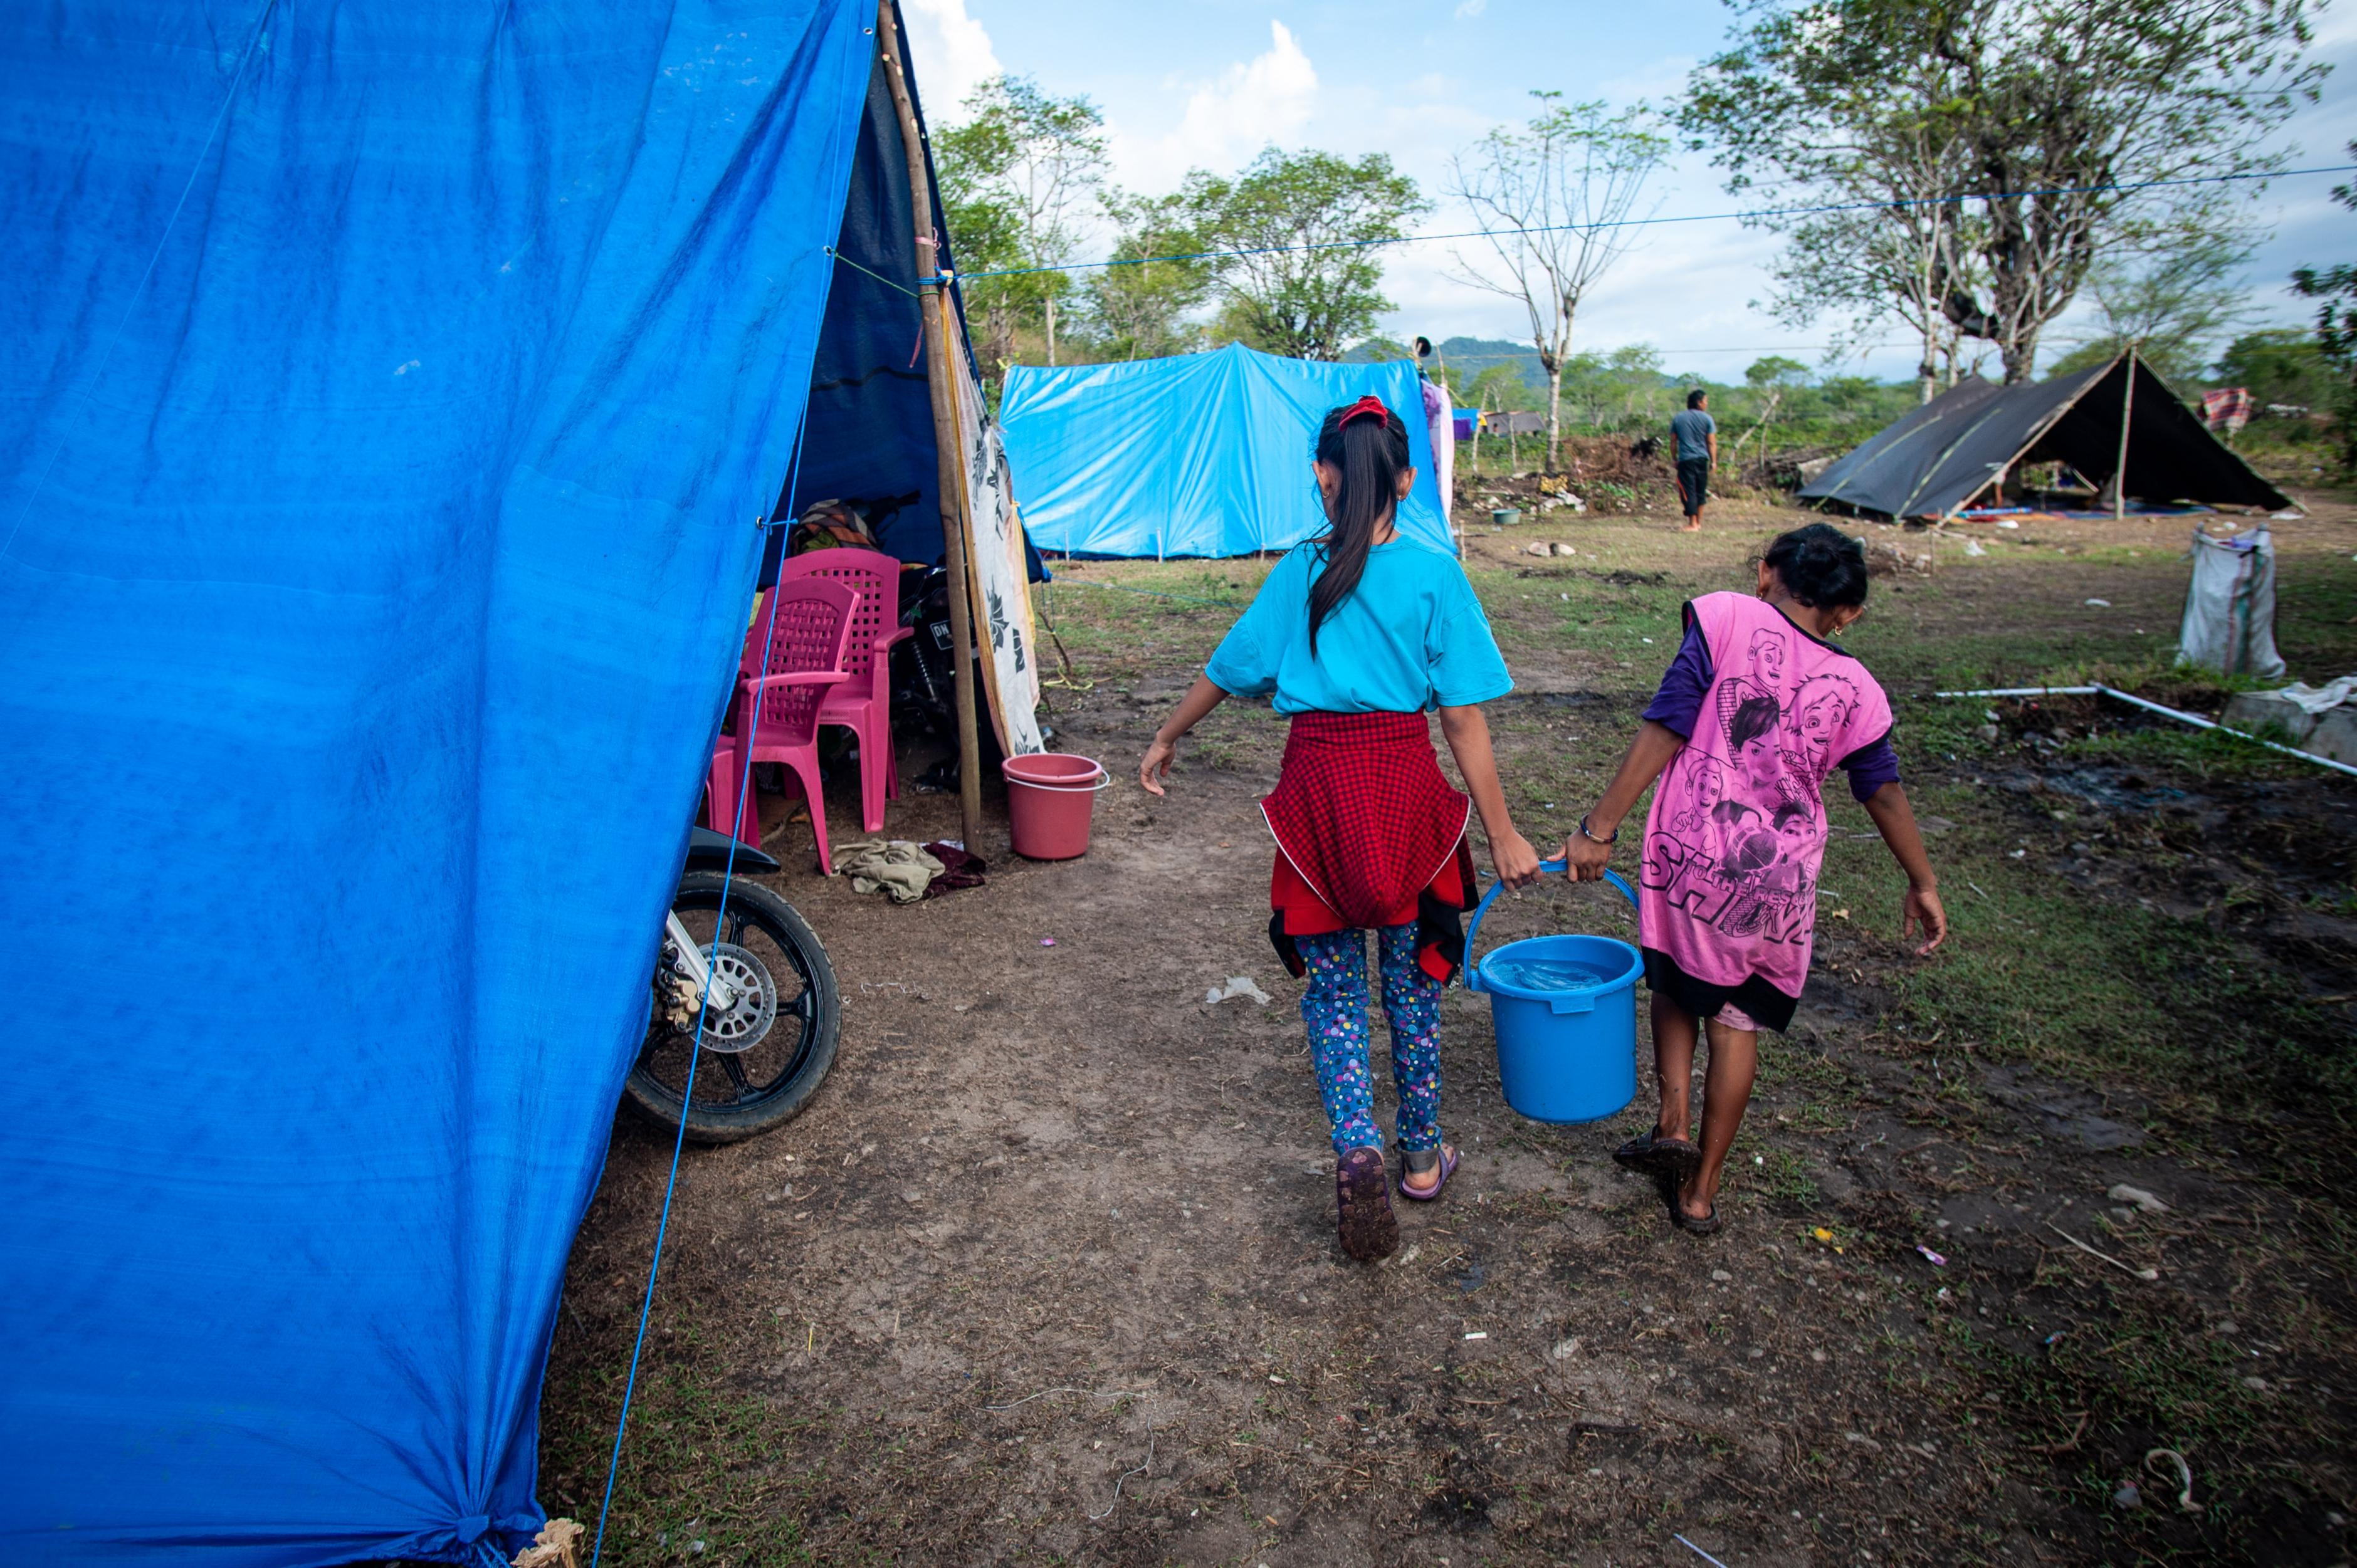 Zwei Mädchen tragen einen Eimer Wasser zwischen Zelten.